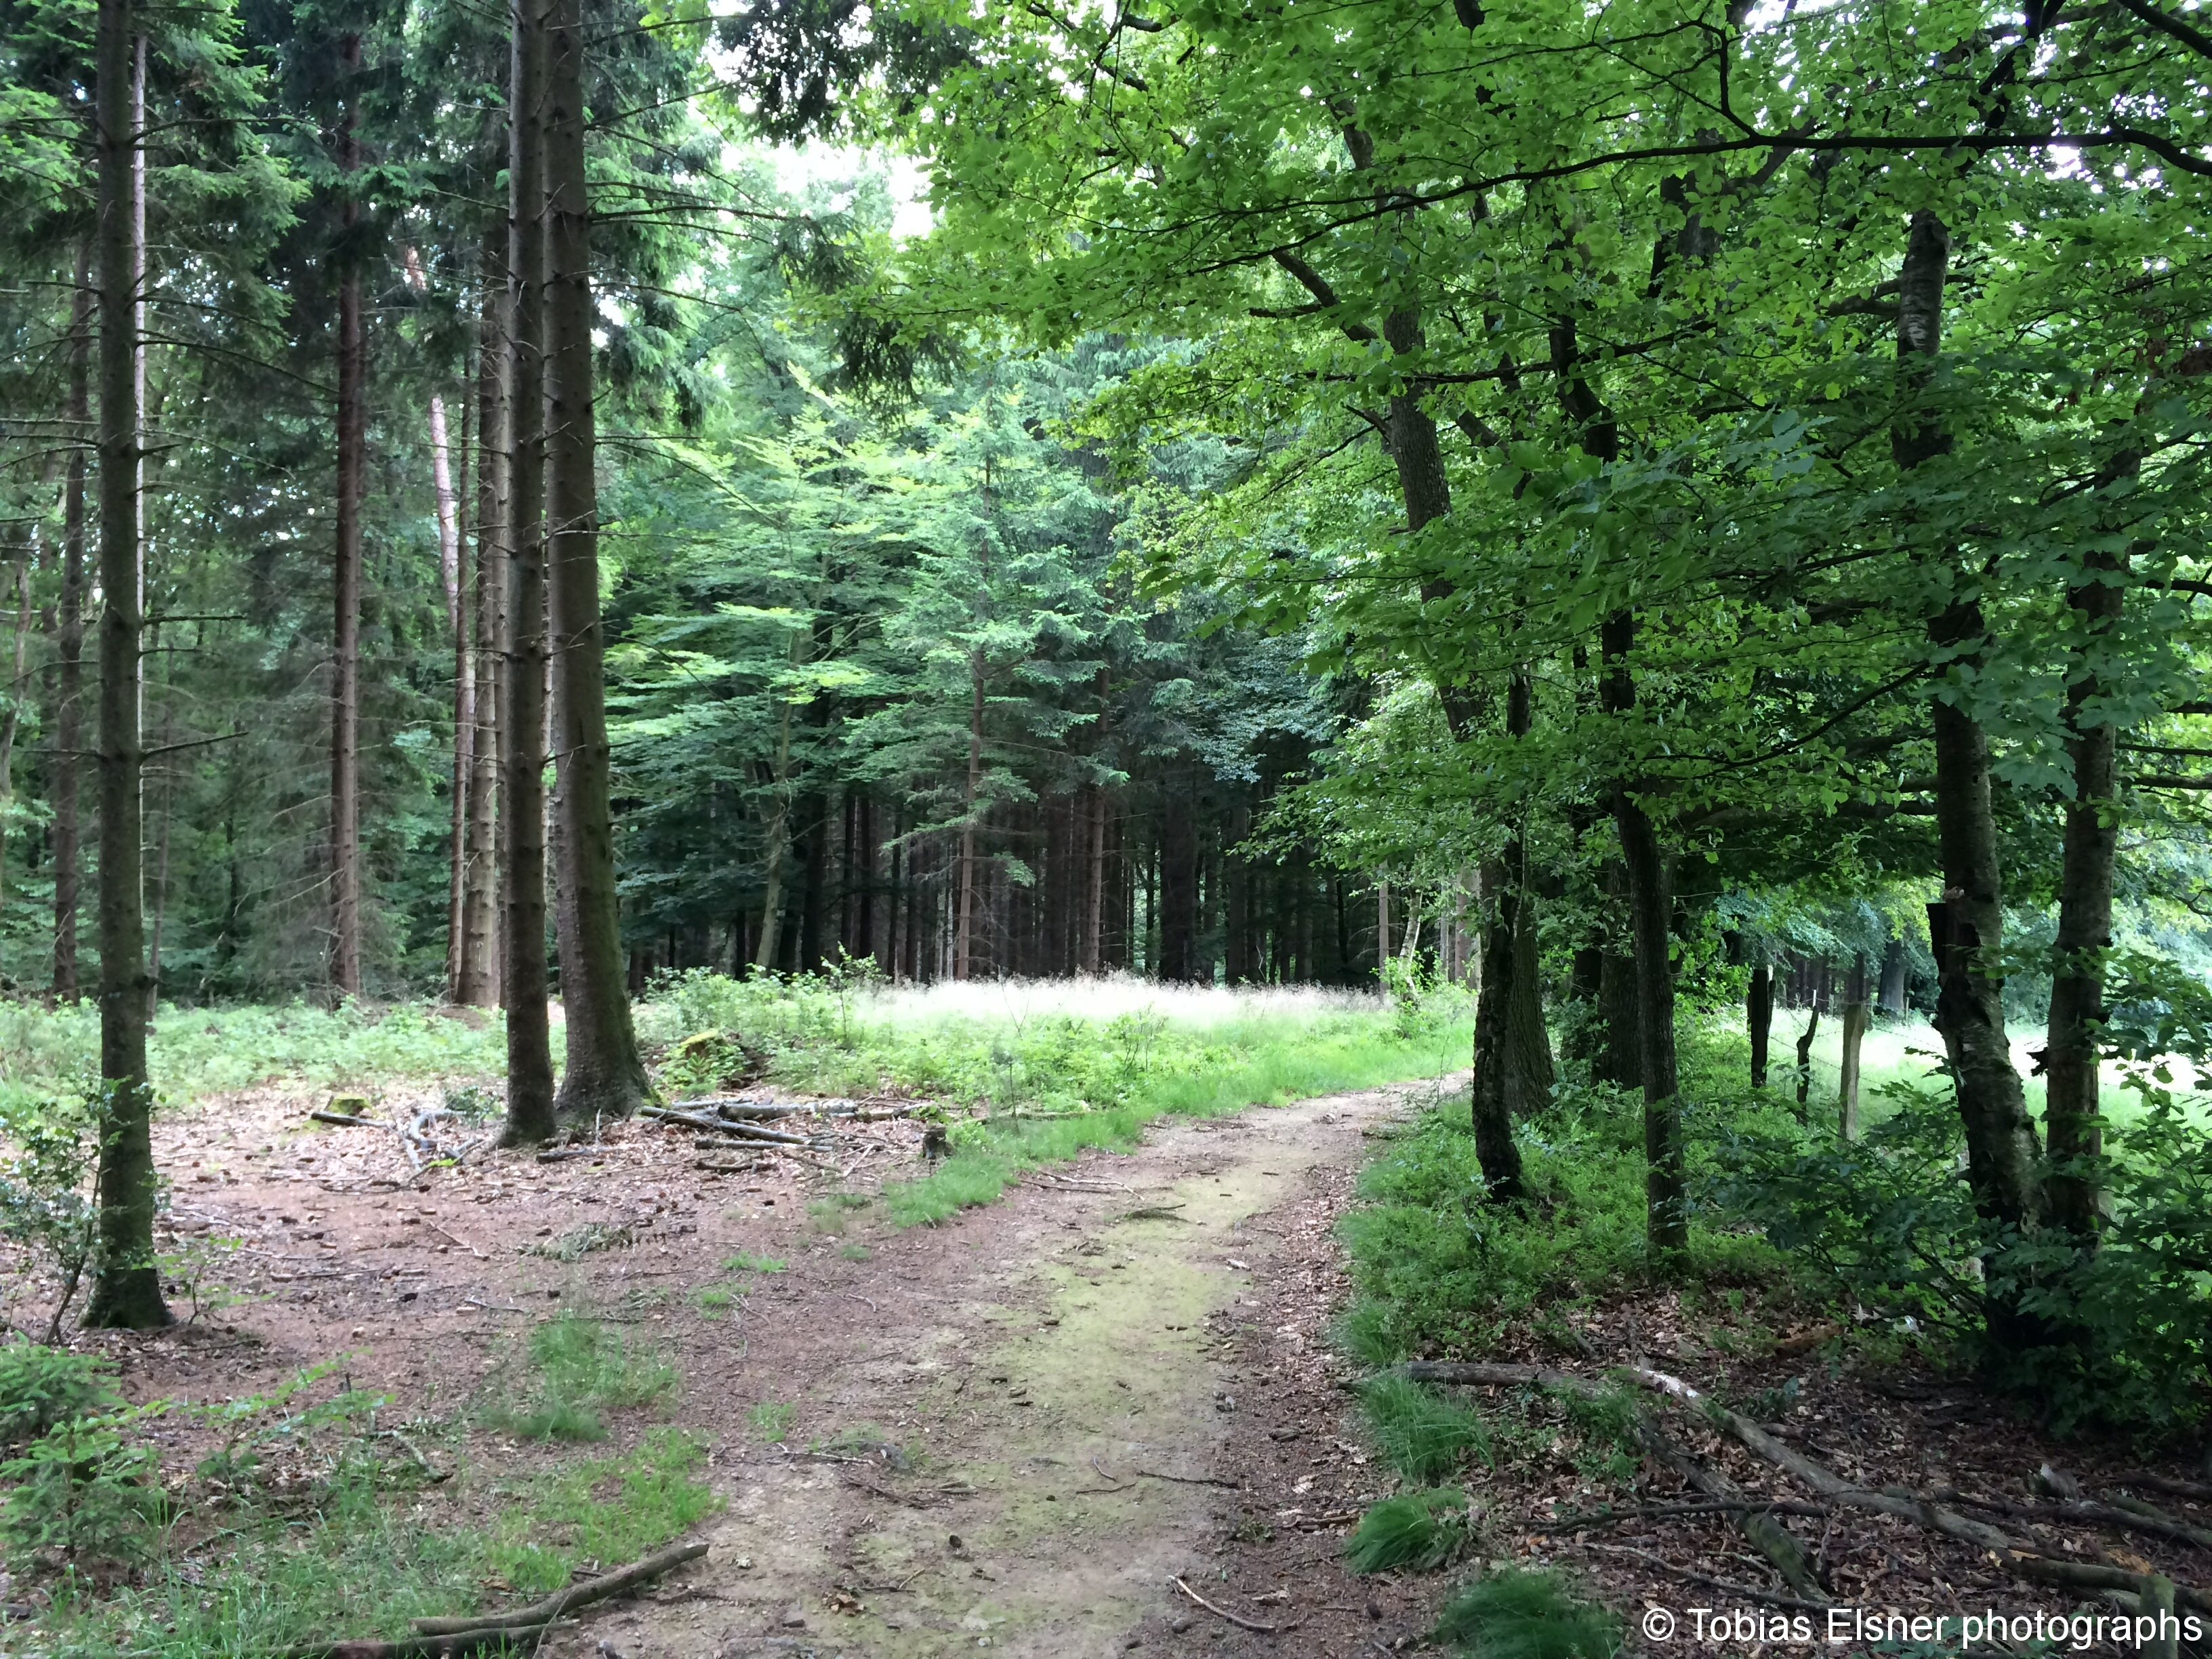 Wanderung Wald Wasser Wolle Weg Radevormwald 2014 Nr.95